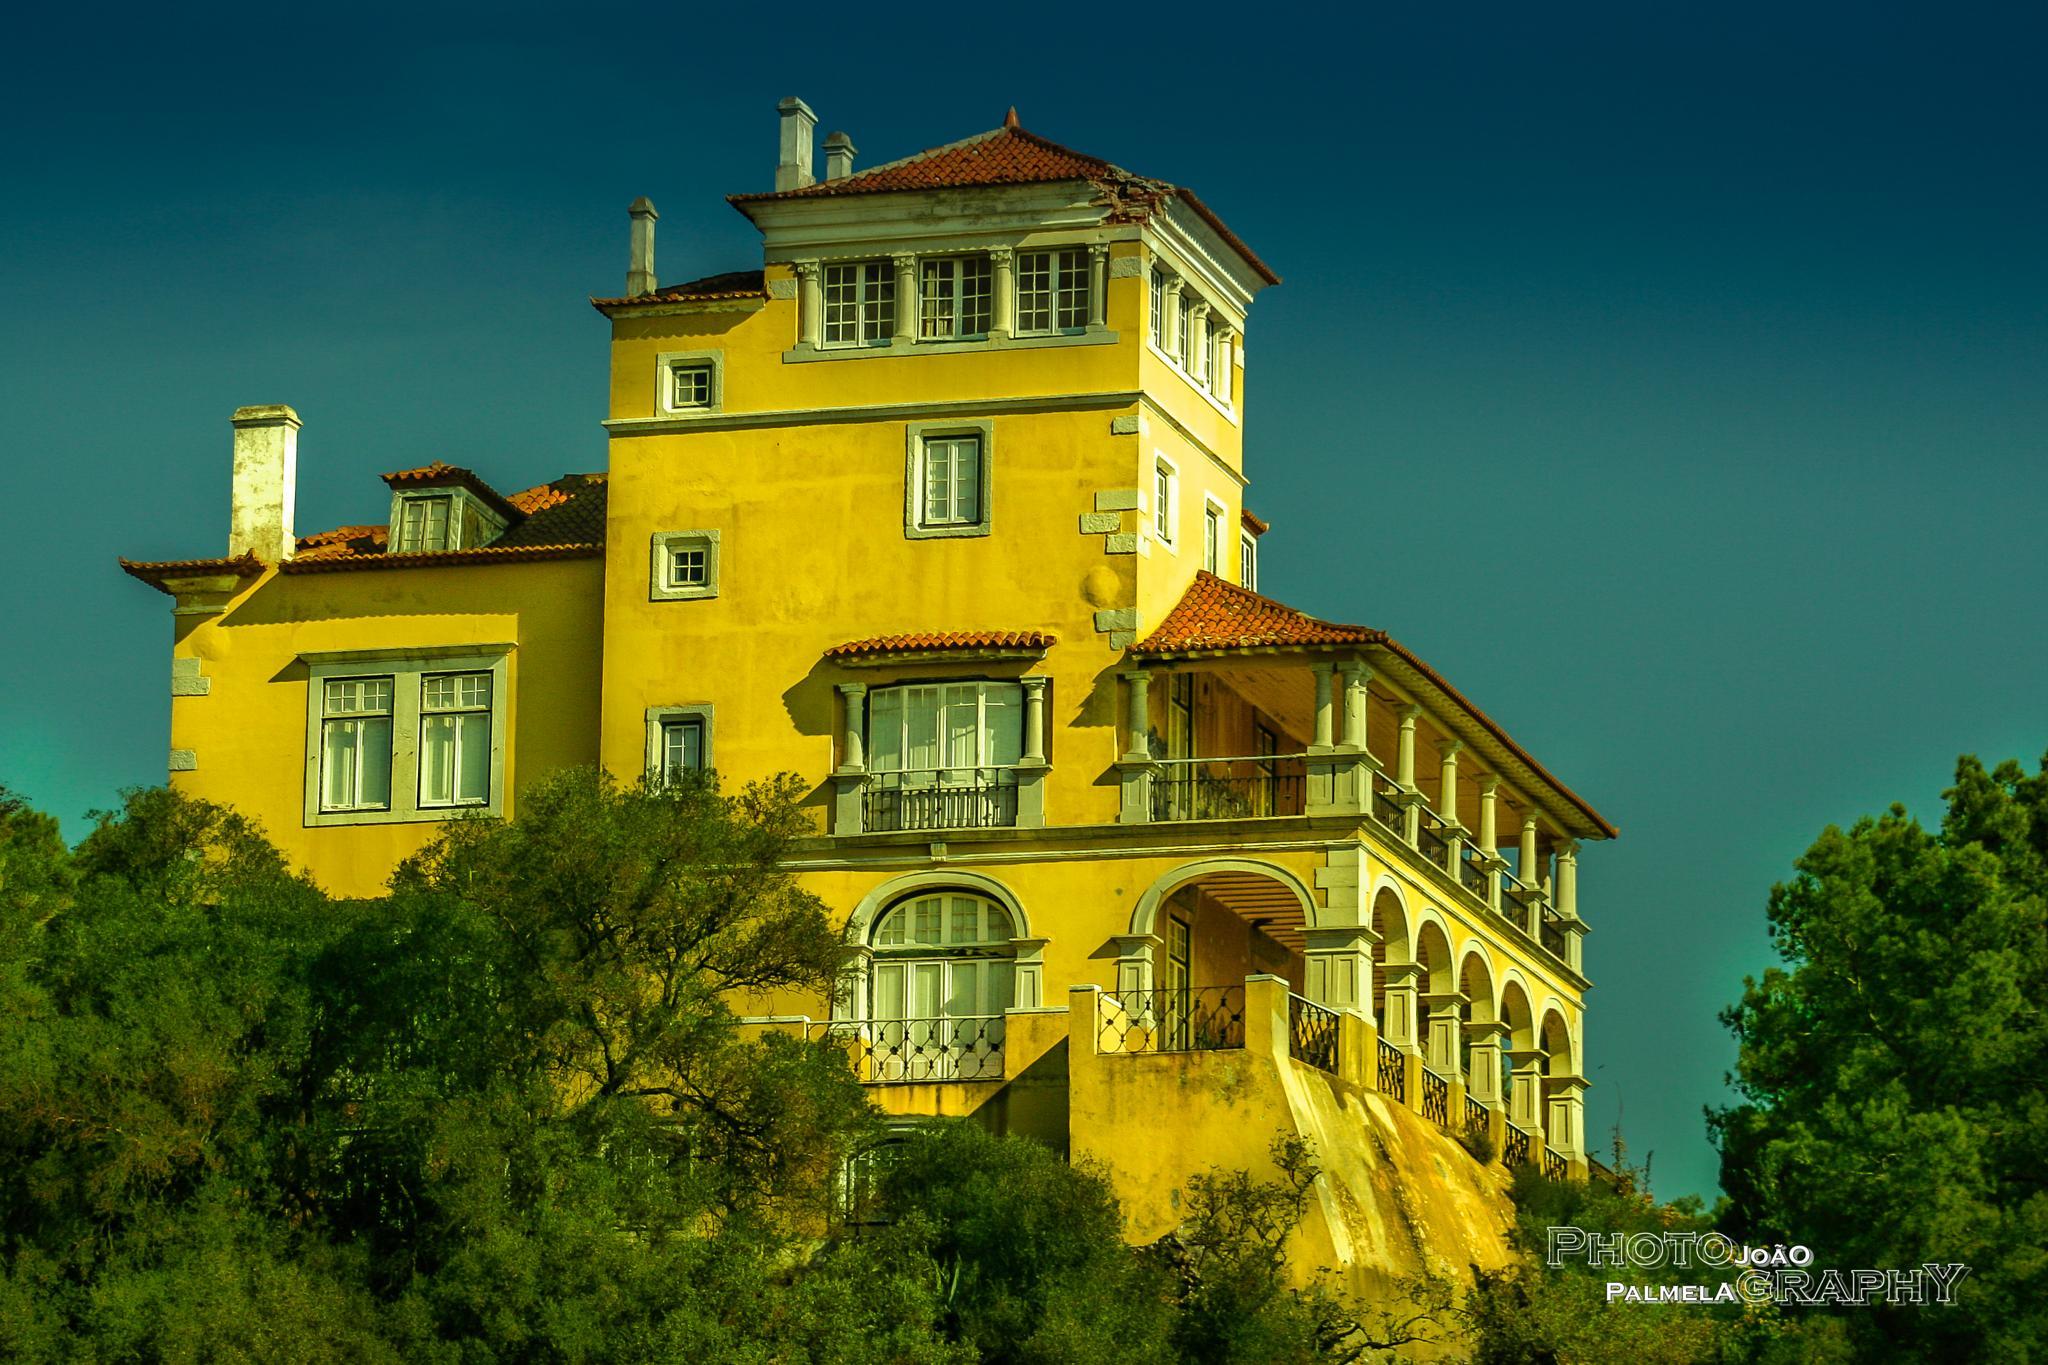 O Palacio da Comenda! by Joao Palmela